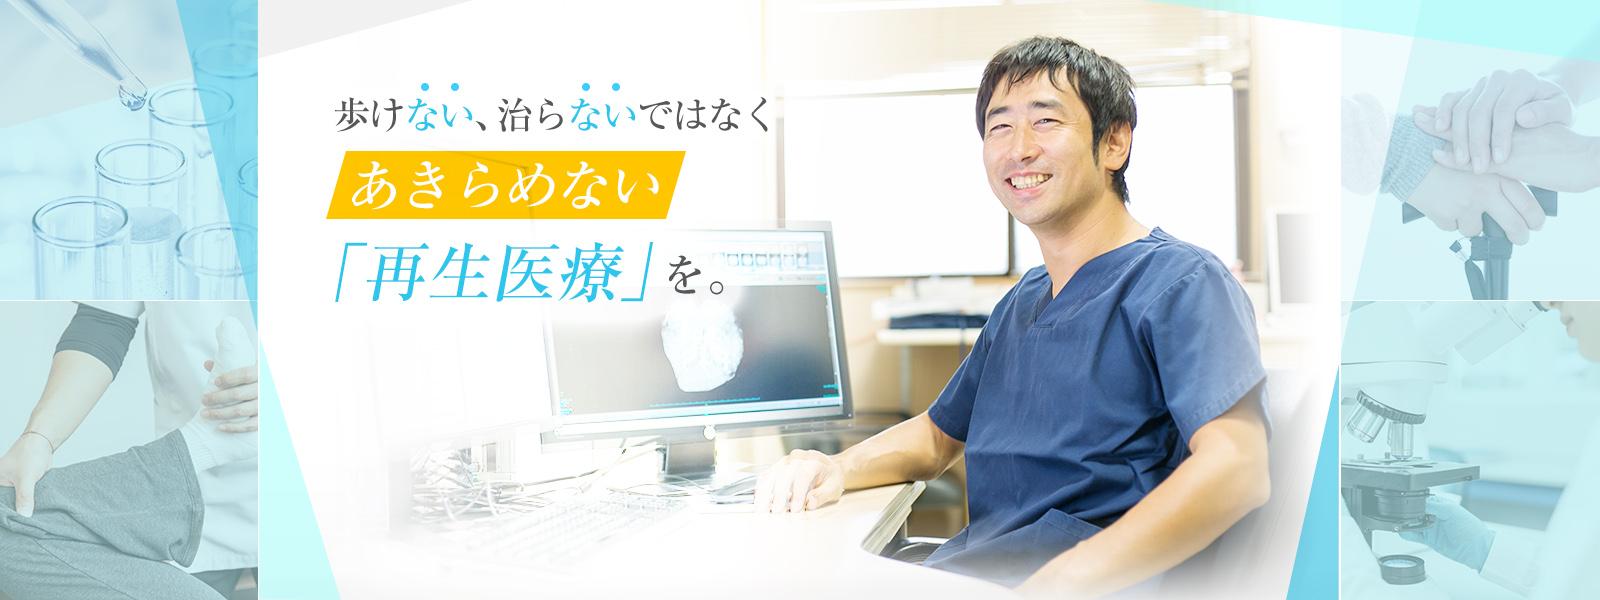 医療法人慶春会福永記念診療所